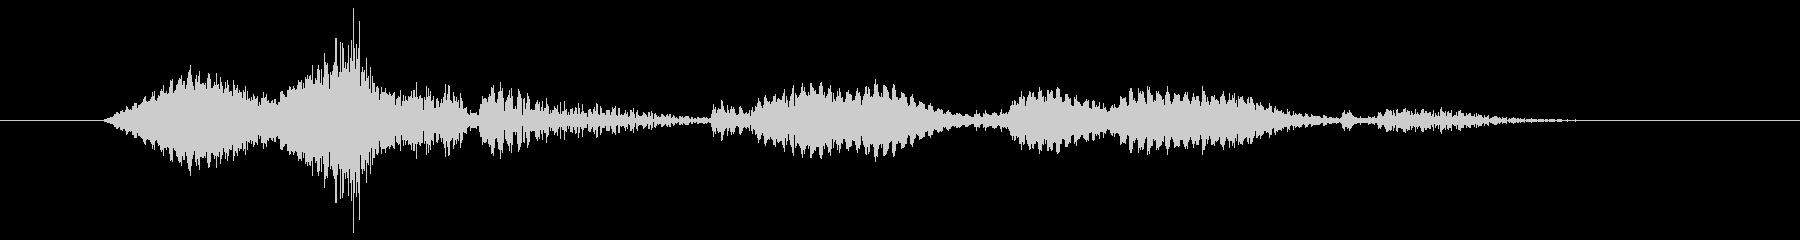 ロボット声 「ミッションコンプリート」の未再生の波形